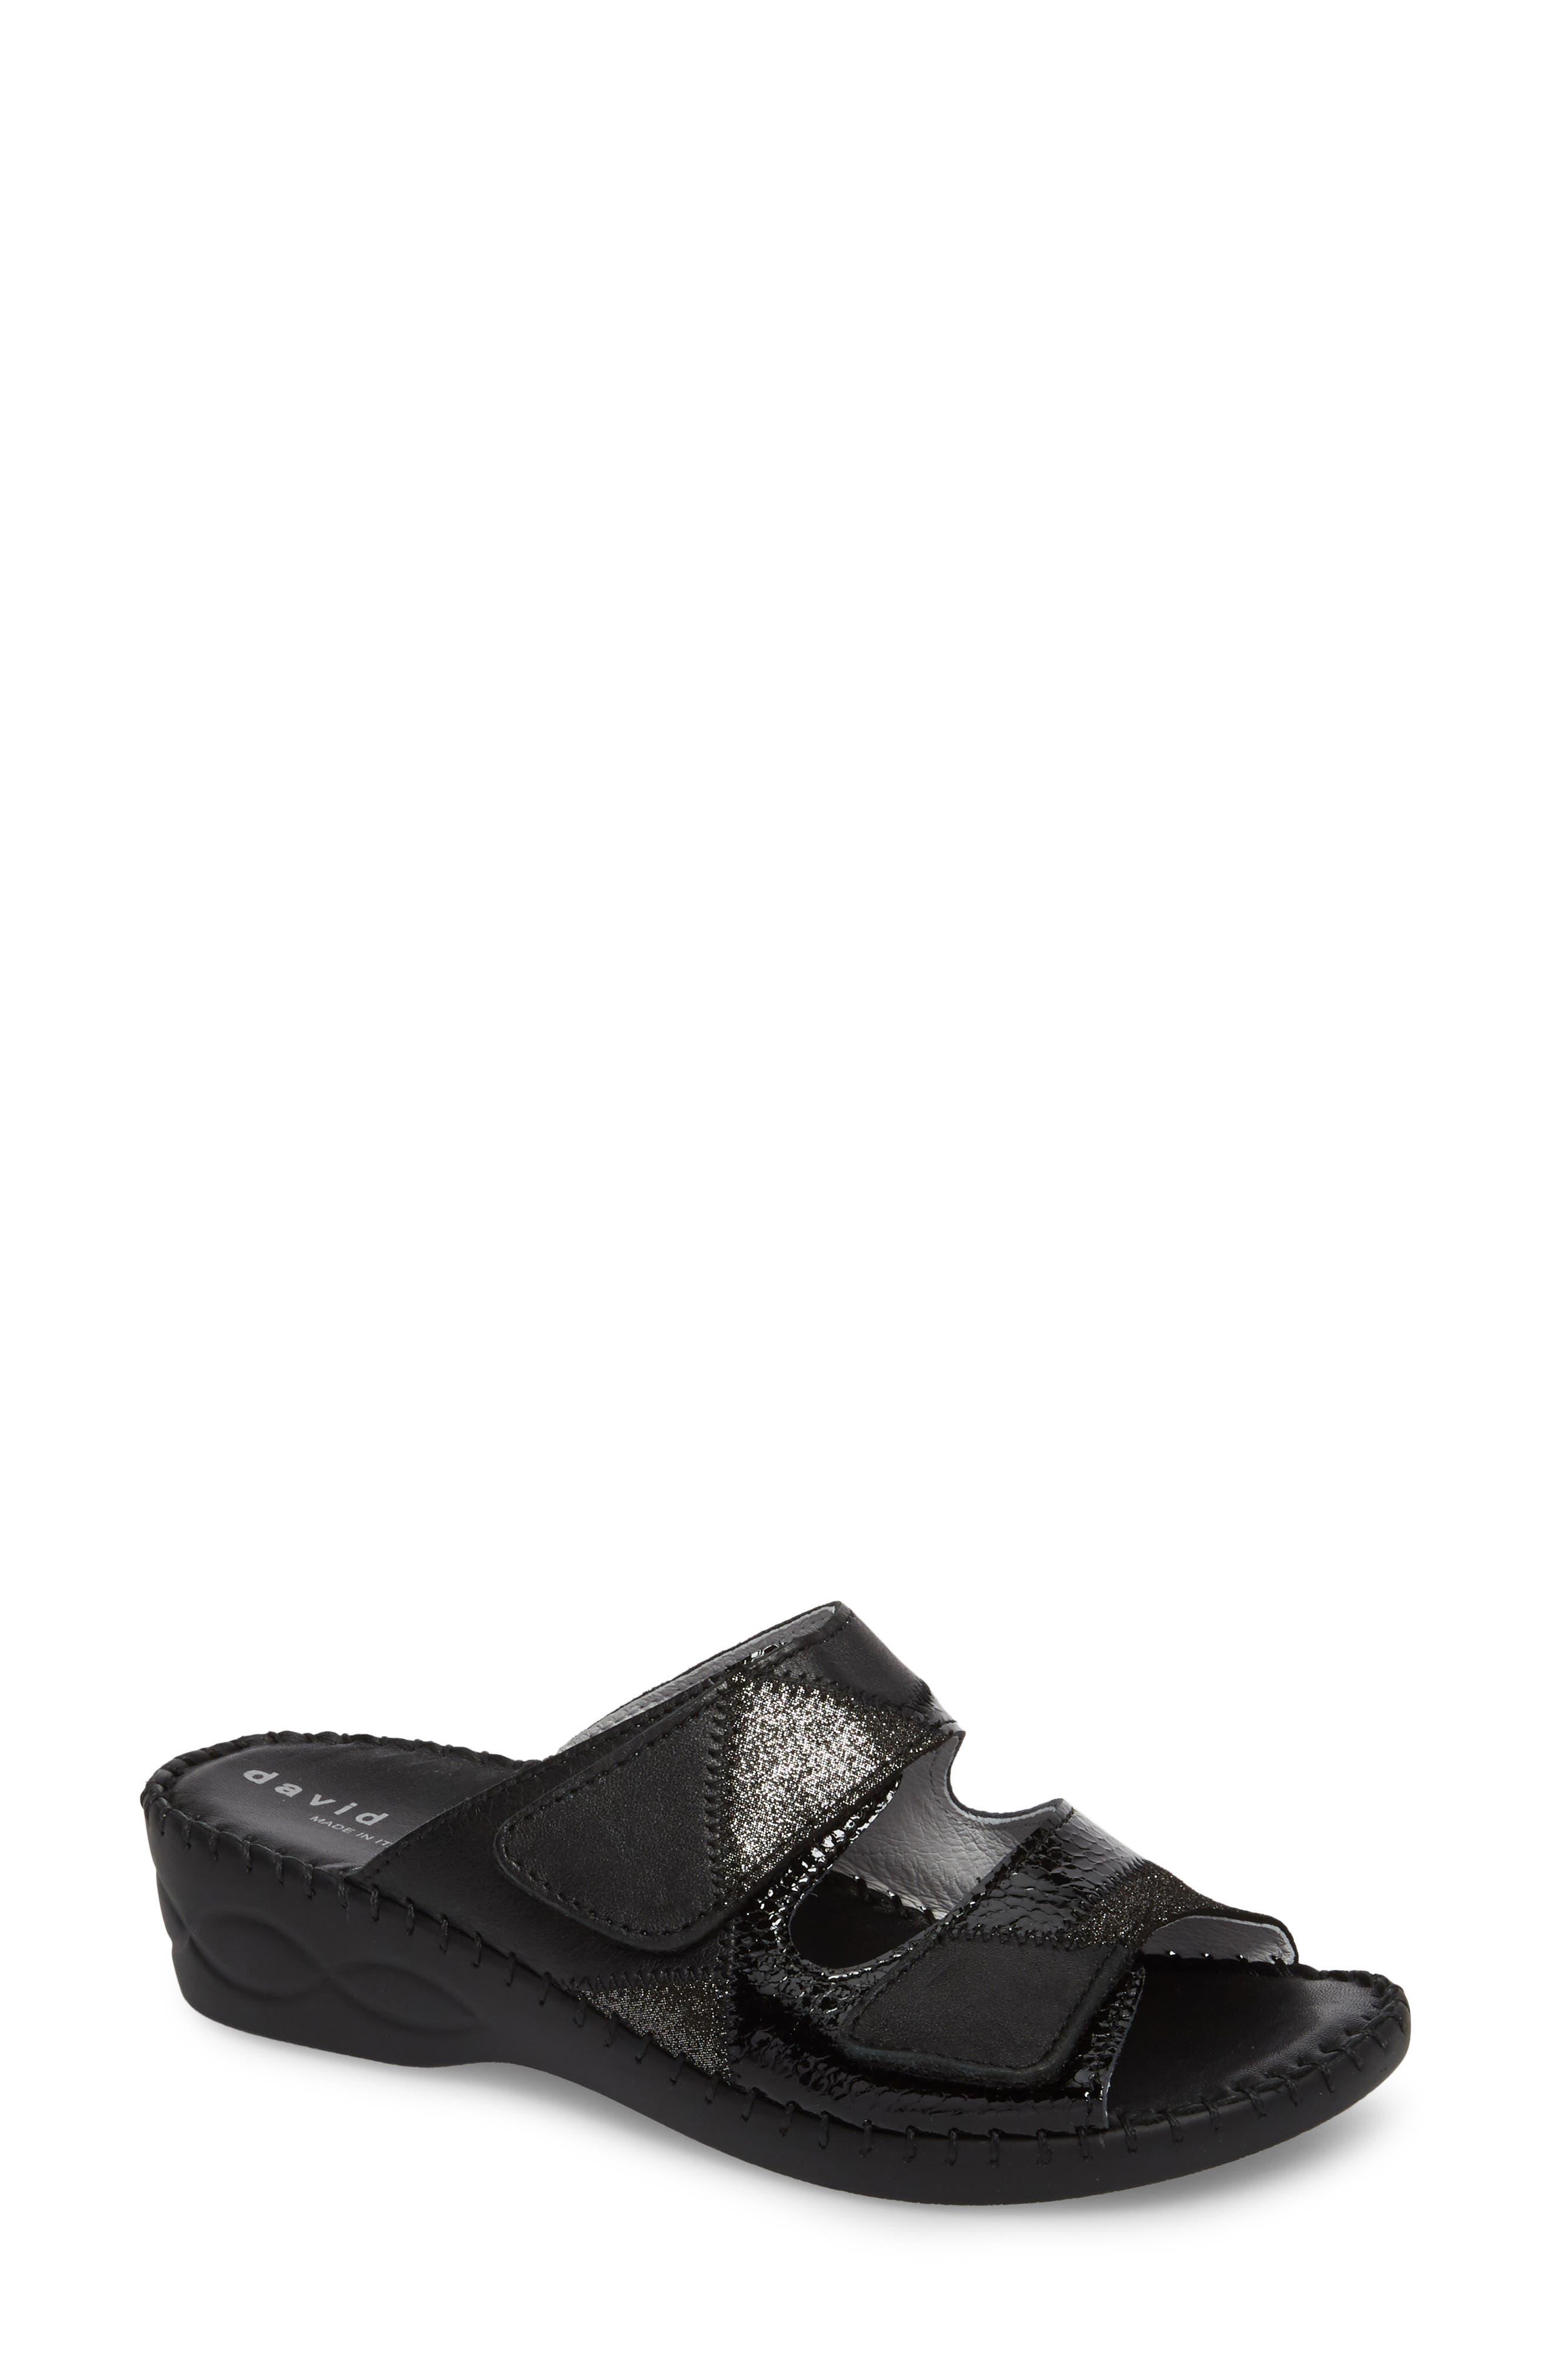 DAVID TATE,                             Flex Slide Sandal,                             Main thumbnail 1, color,                             BLACK LEATHER